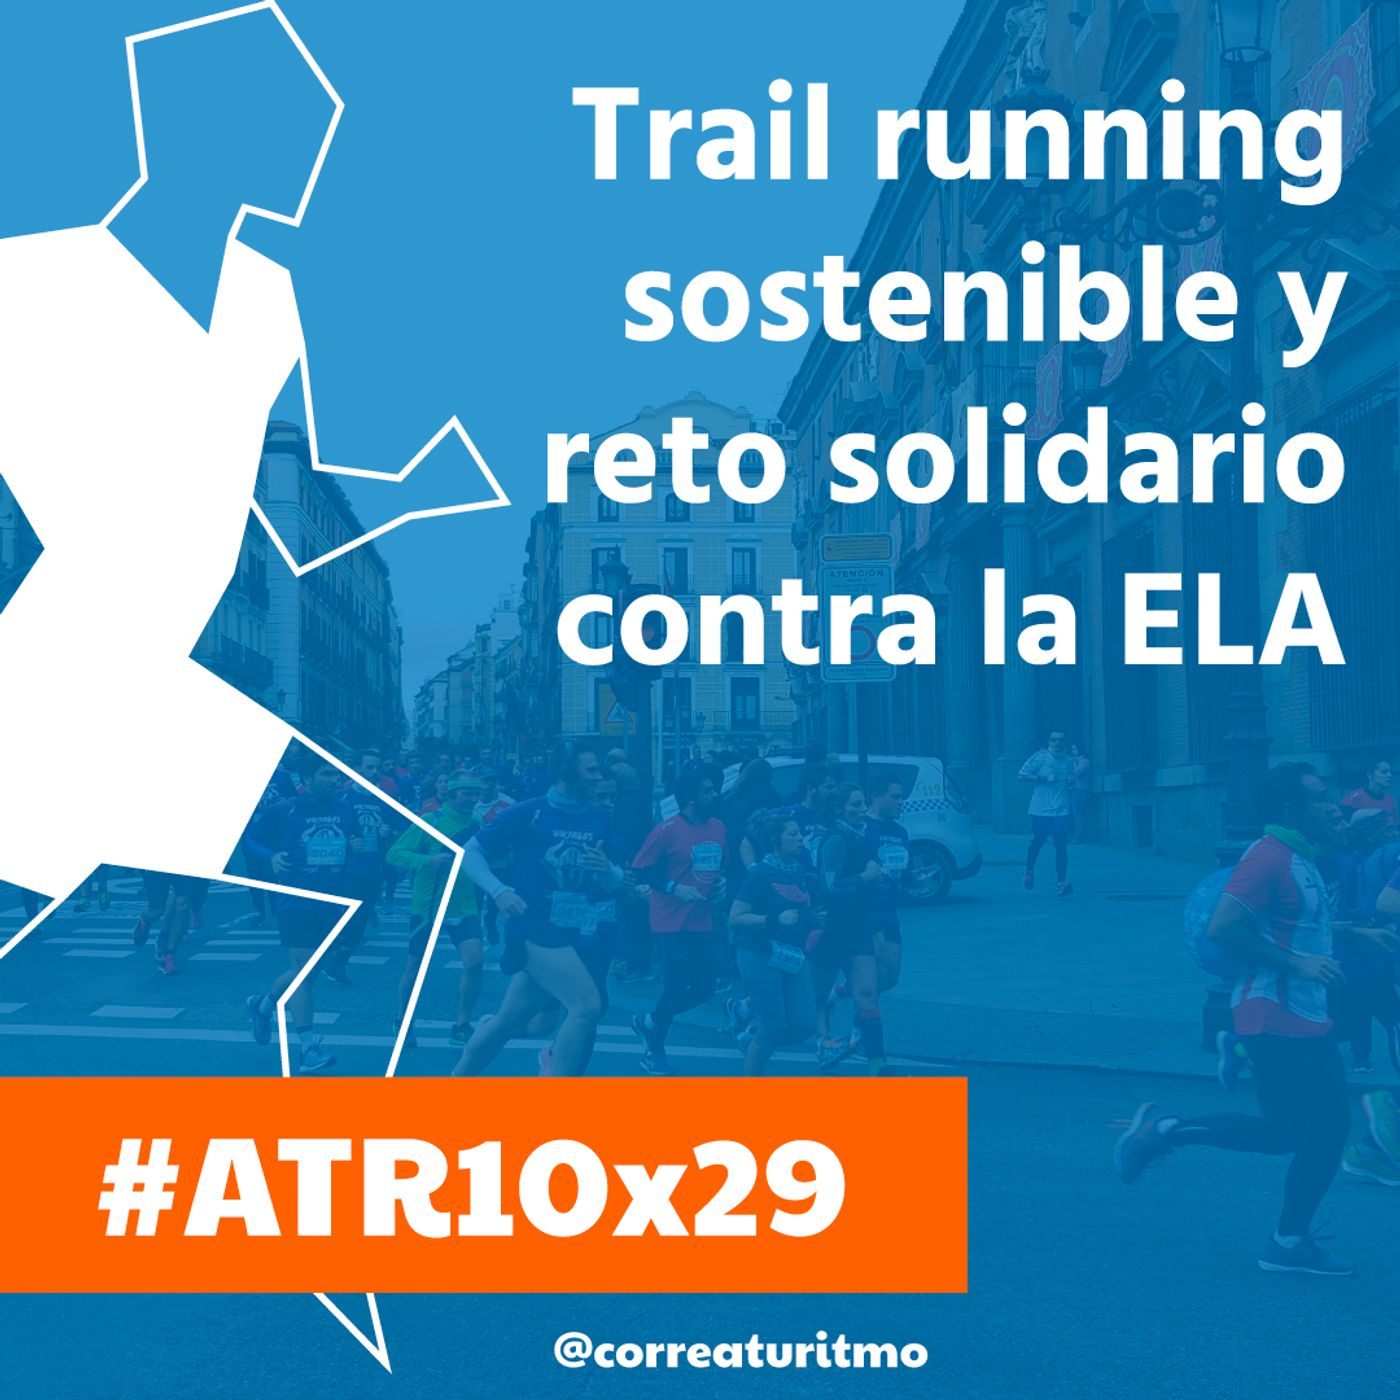 ATR 10x29 - Trail Running sostenible y el reto solidario de Ernesto Rando contra la ELA